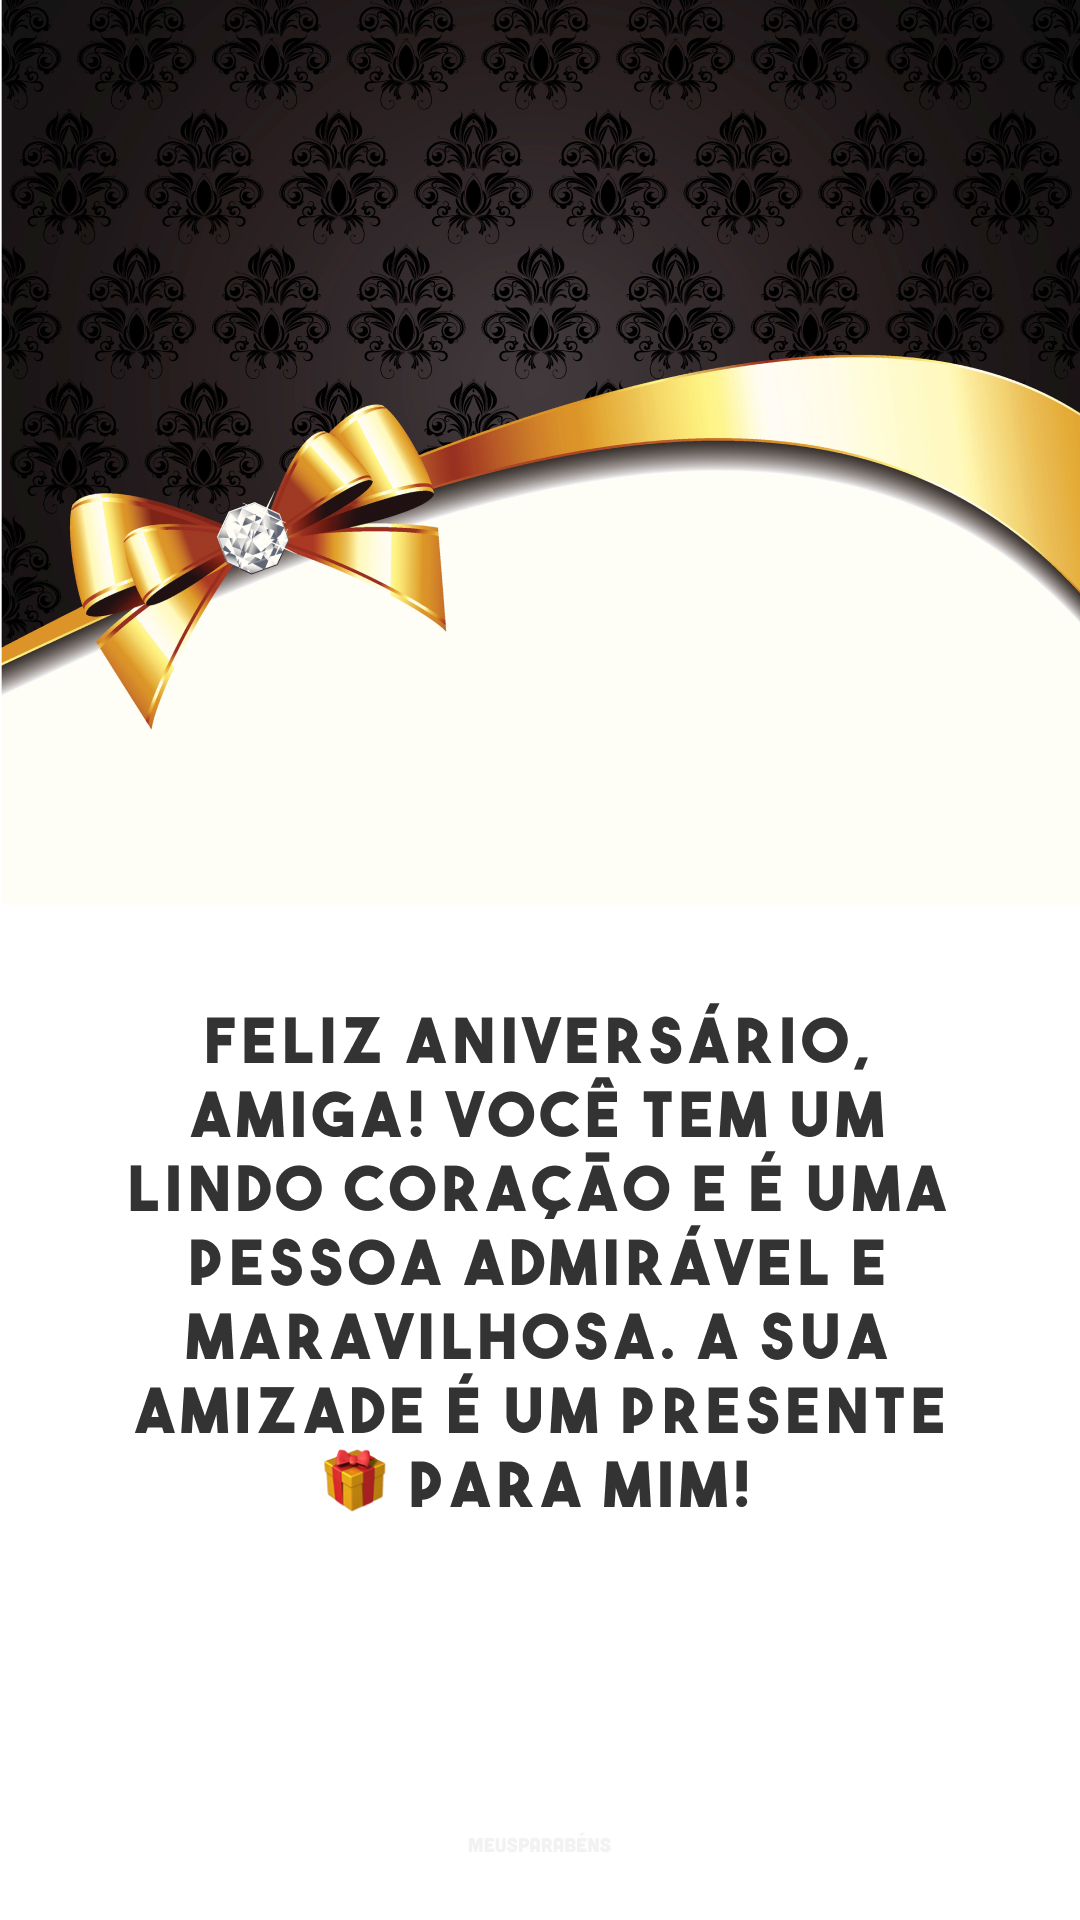 Feliz aniversário, amiga! Você tem um lindo coração e é uma pessoa admirável e maravilhosa. A sua amizade é um presente 🎁 para mim!